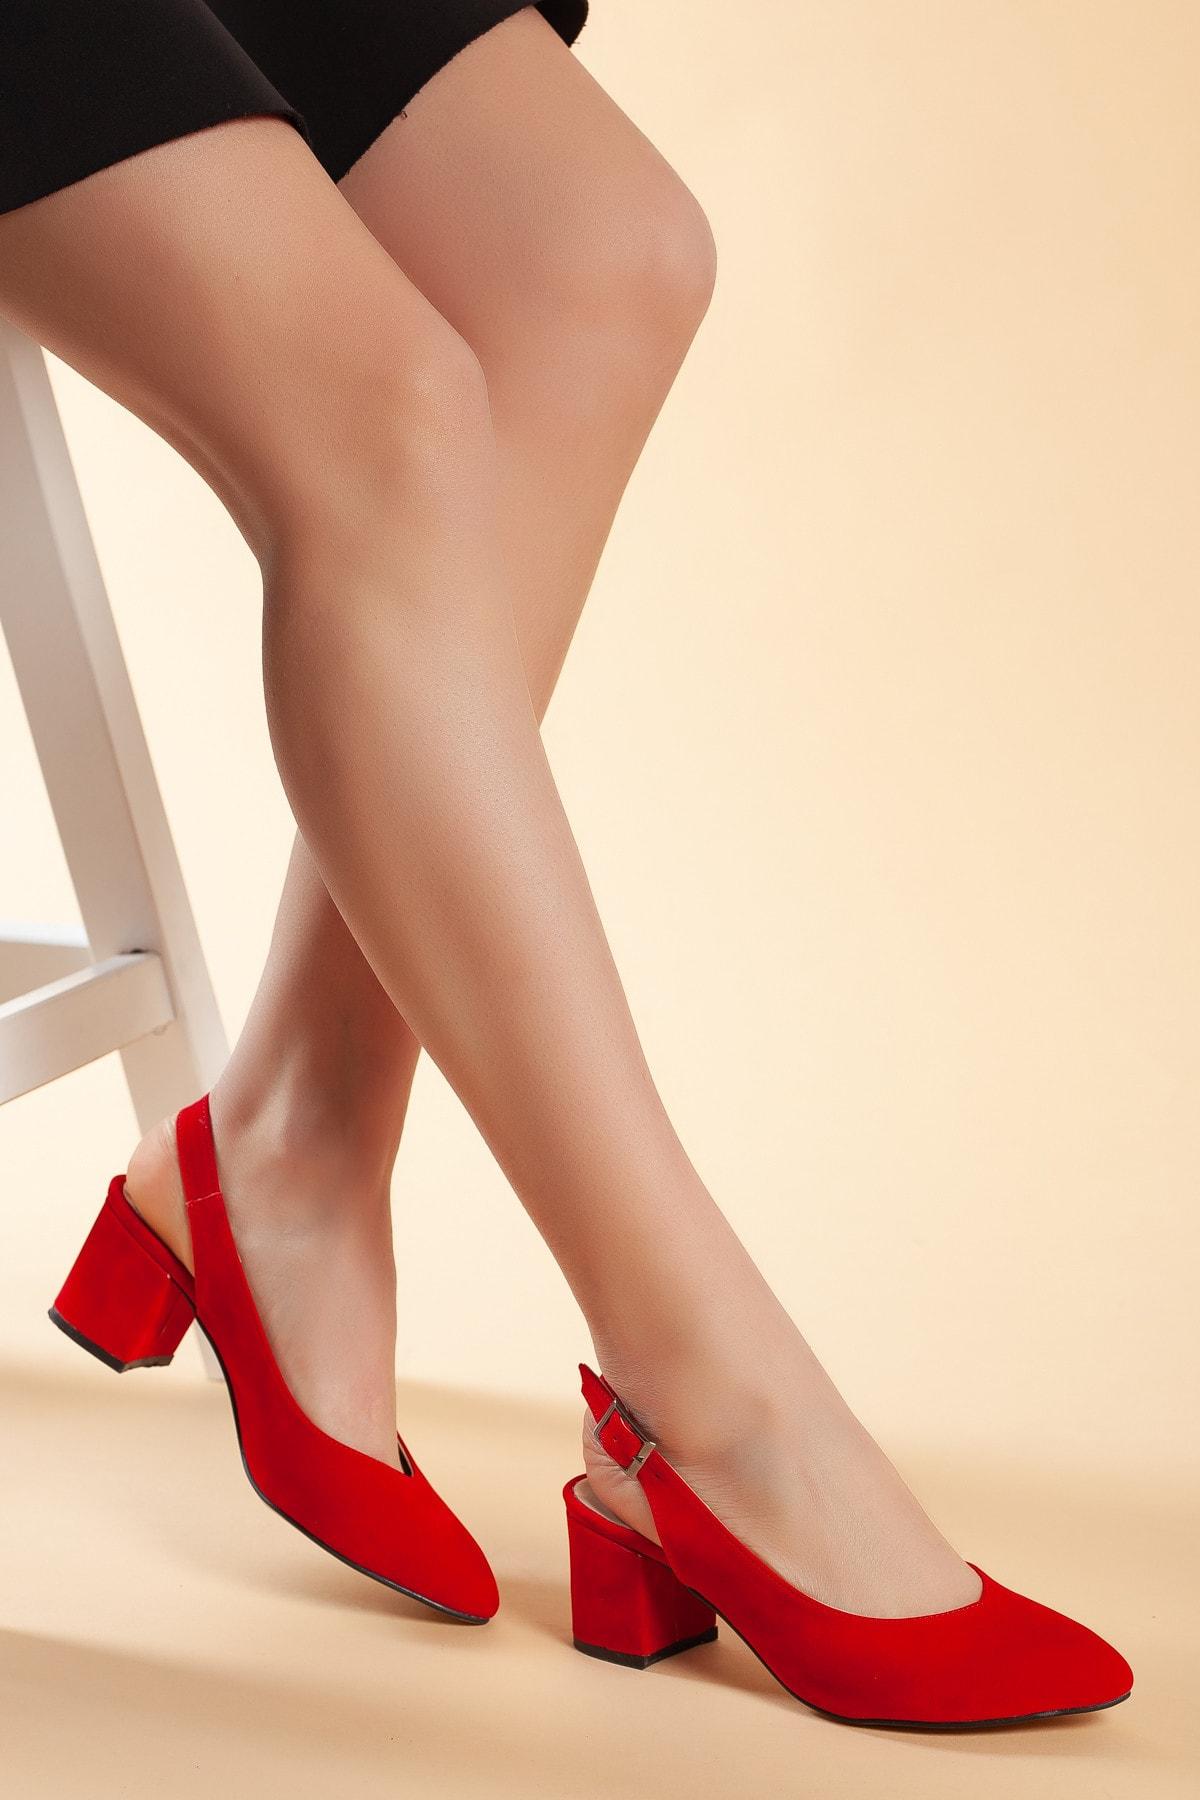 Daxtors Kırmızı-Süet Kadın Ayakkabı DXTRSGZH209 1